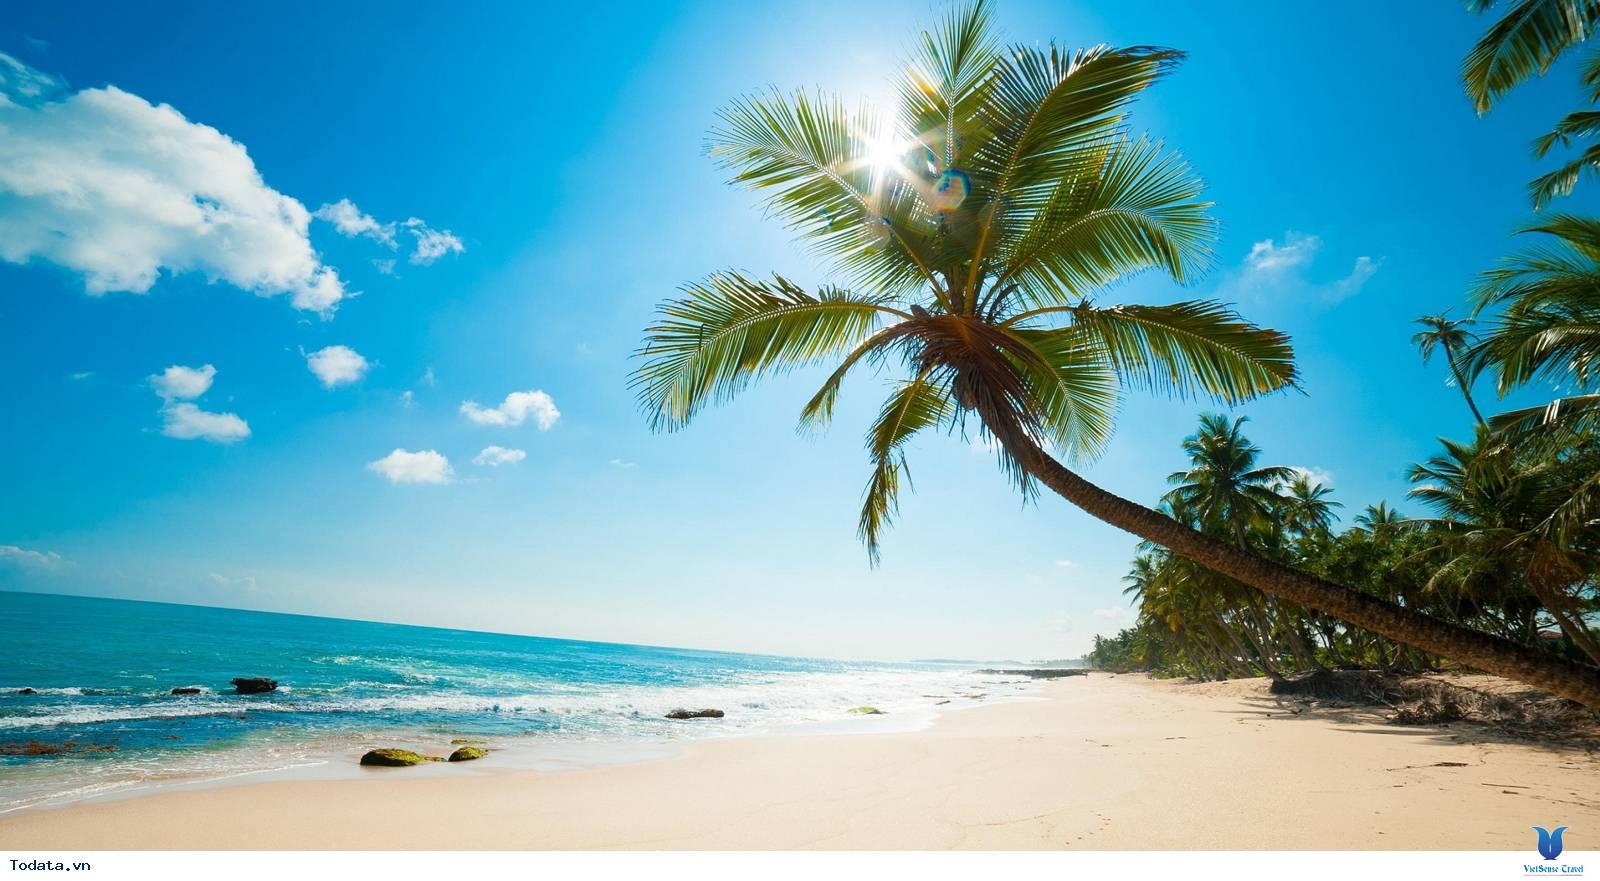 Khám Phá Bãi Sao- bãi biển đẹp nhất Việt Nam - Ảnh 1